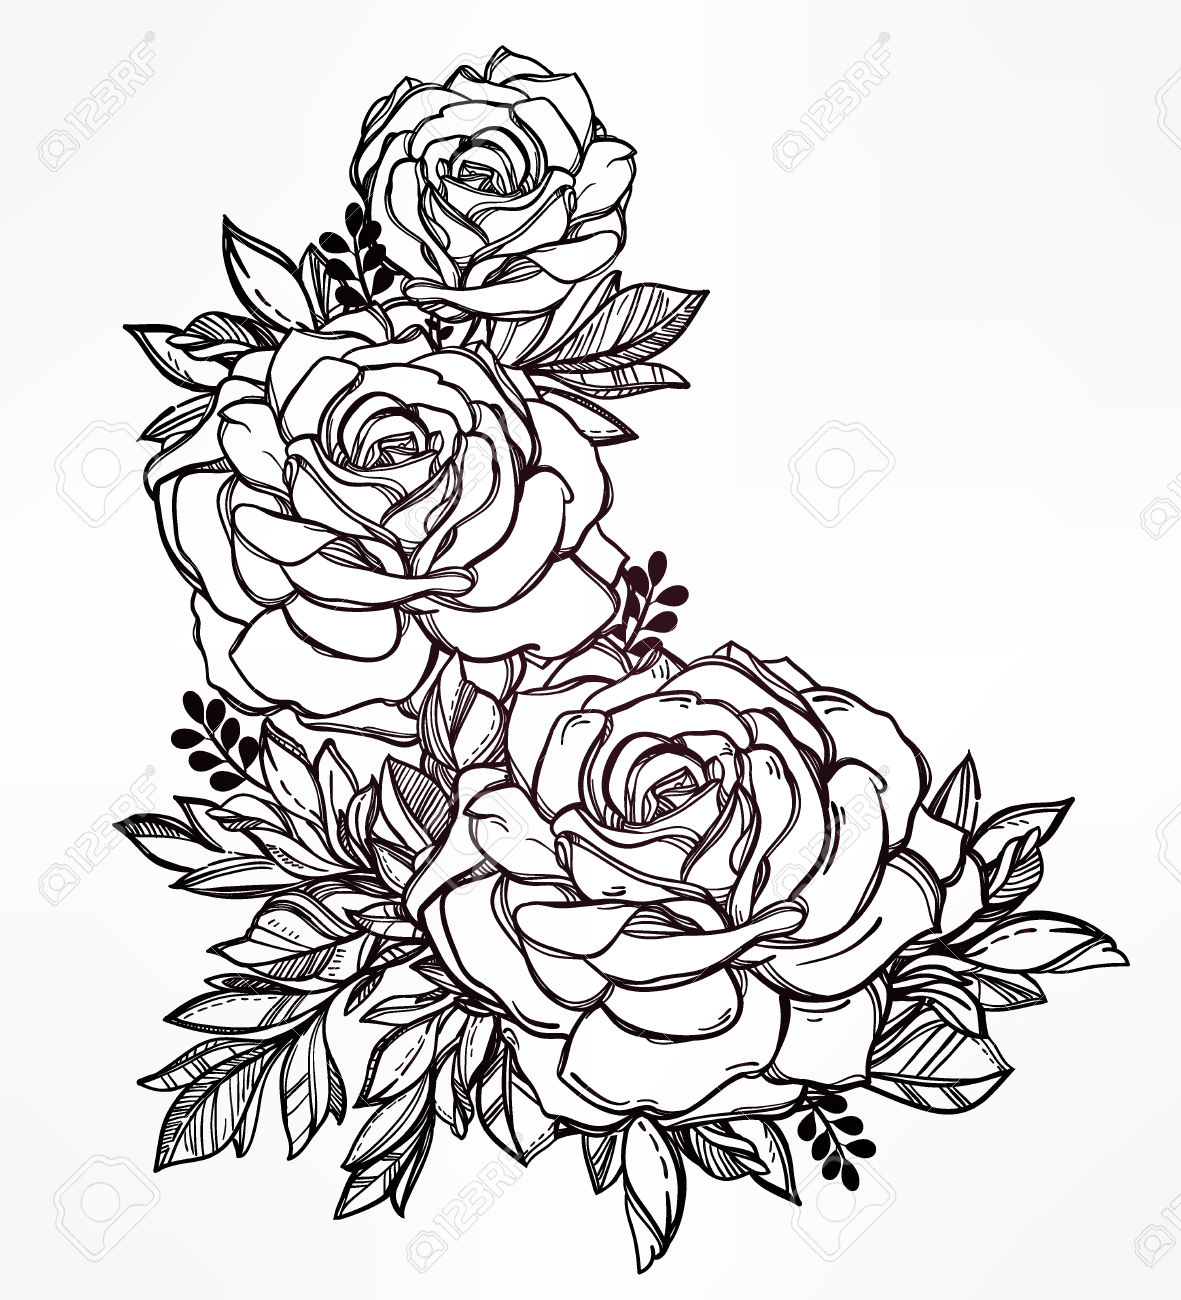 1181x1300 Vintage Floral Highly Detailed Hand Drawn Rose Flower Stem